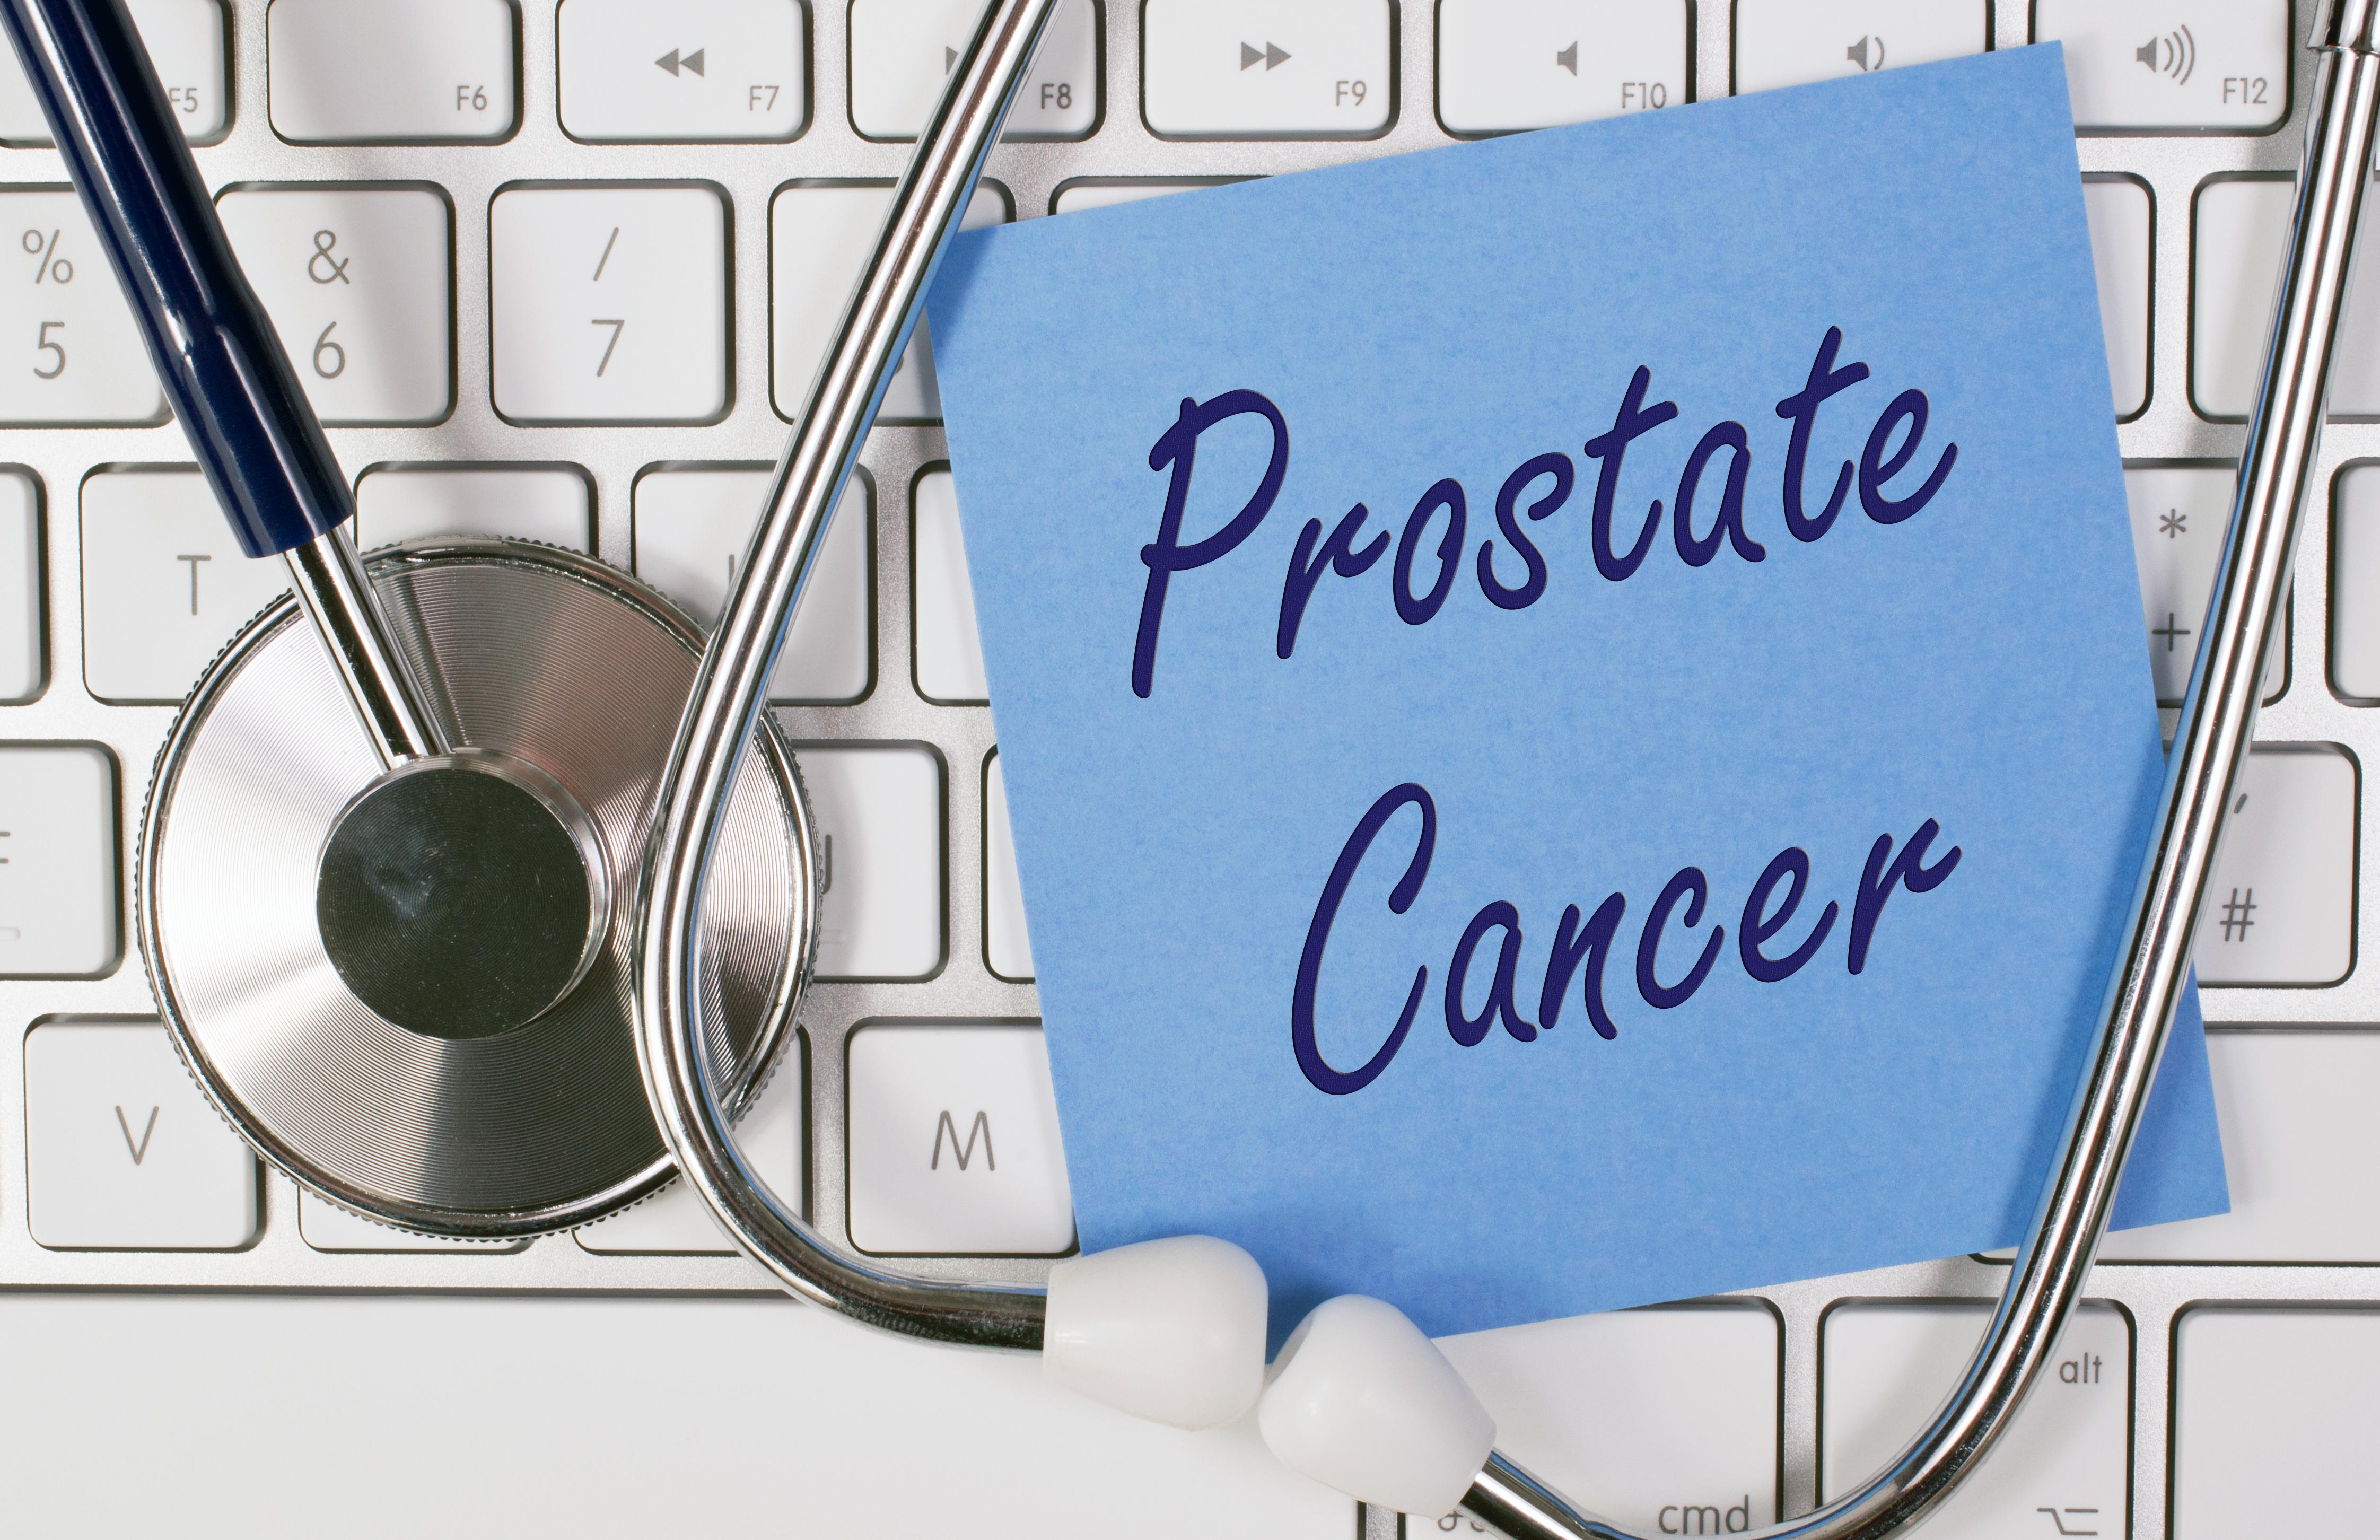 1º Consenso Brasileiro de Tratamento do Câncer de Próstata Avançado é publicado